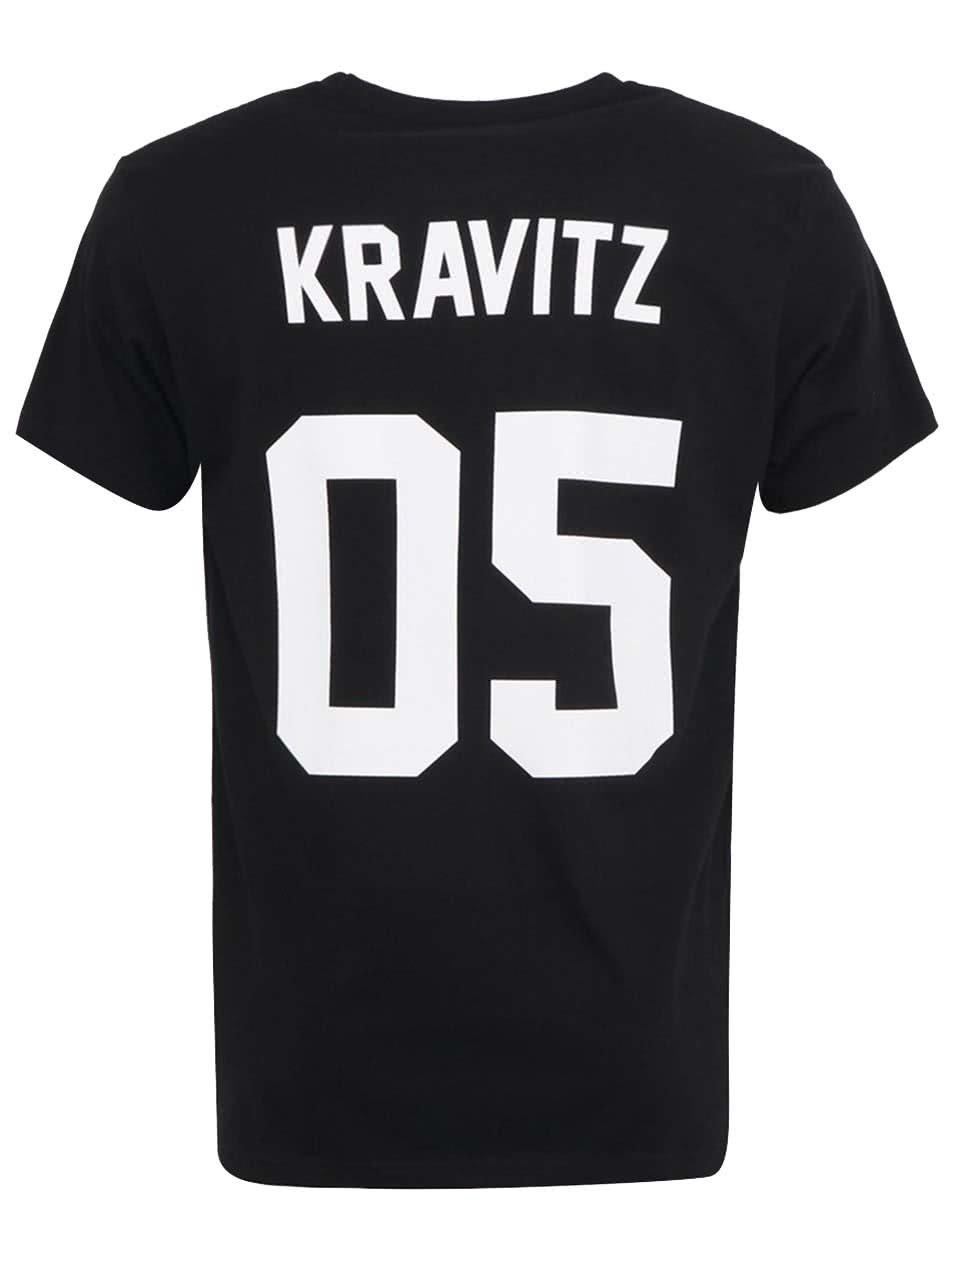 db258375a8e Pánské černé triko Eleven Paris Havitz s potiskem na zádech ...